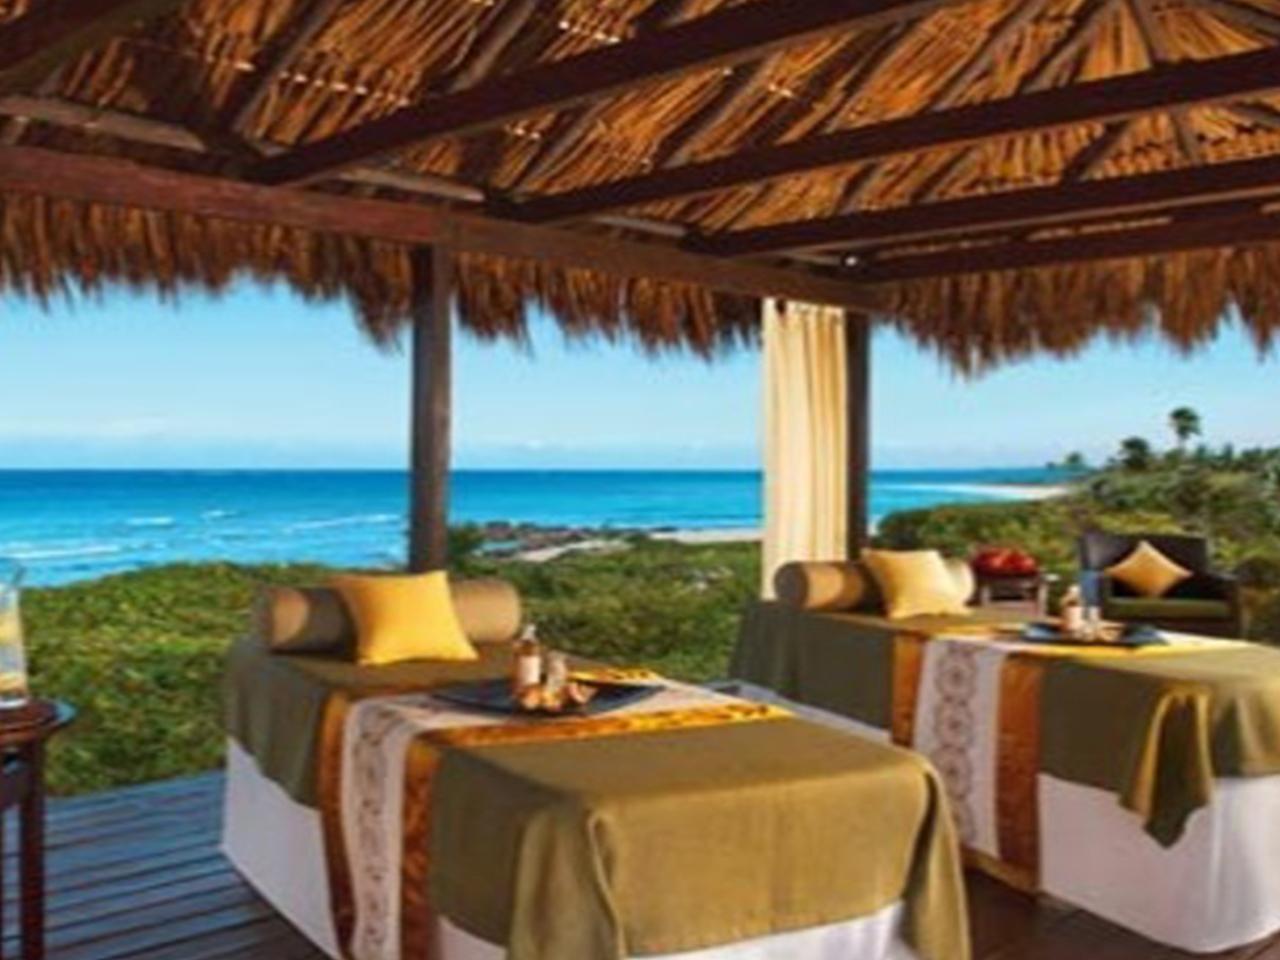 wedding Planner en Monterrey, Boda en la playa, Las mejores bodas en la playa en México -Paquete 1: Cobá